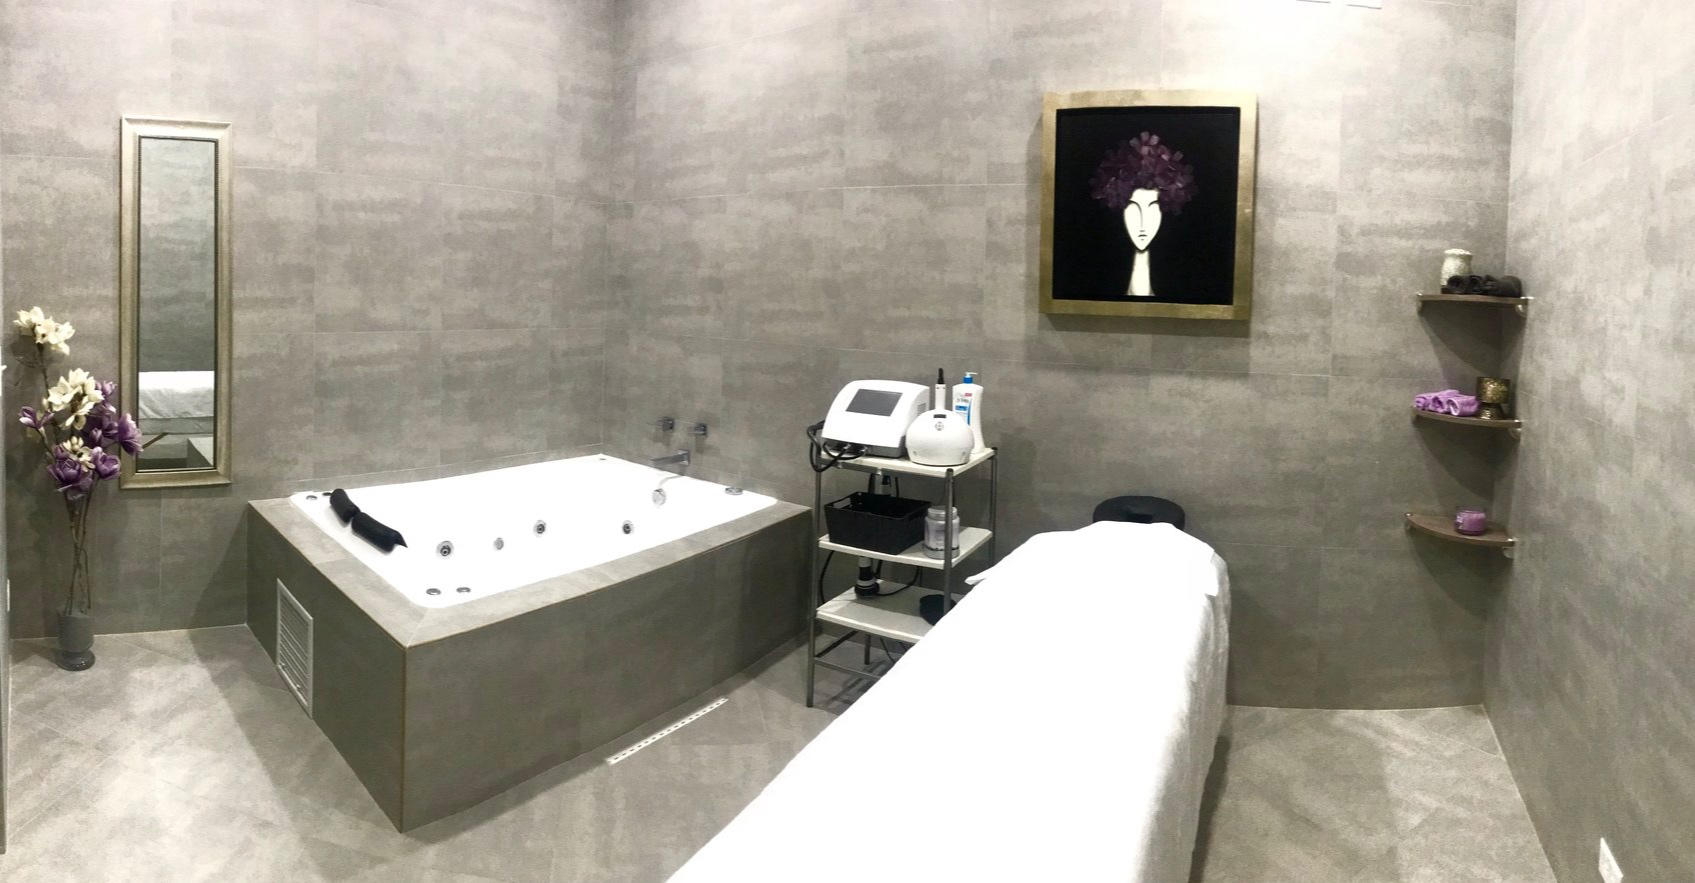 Fisio-Spa - Las ventajas de un masaje relajante, descontracturante o deportivo realizado con verdaderos profesionales en salud!No te pierdas la oportunidad de probar nuestra tina de hidramasaje, la cual cuenta con jets regulables, cromoterapia y aromaterapia.